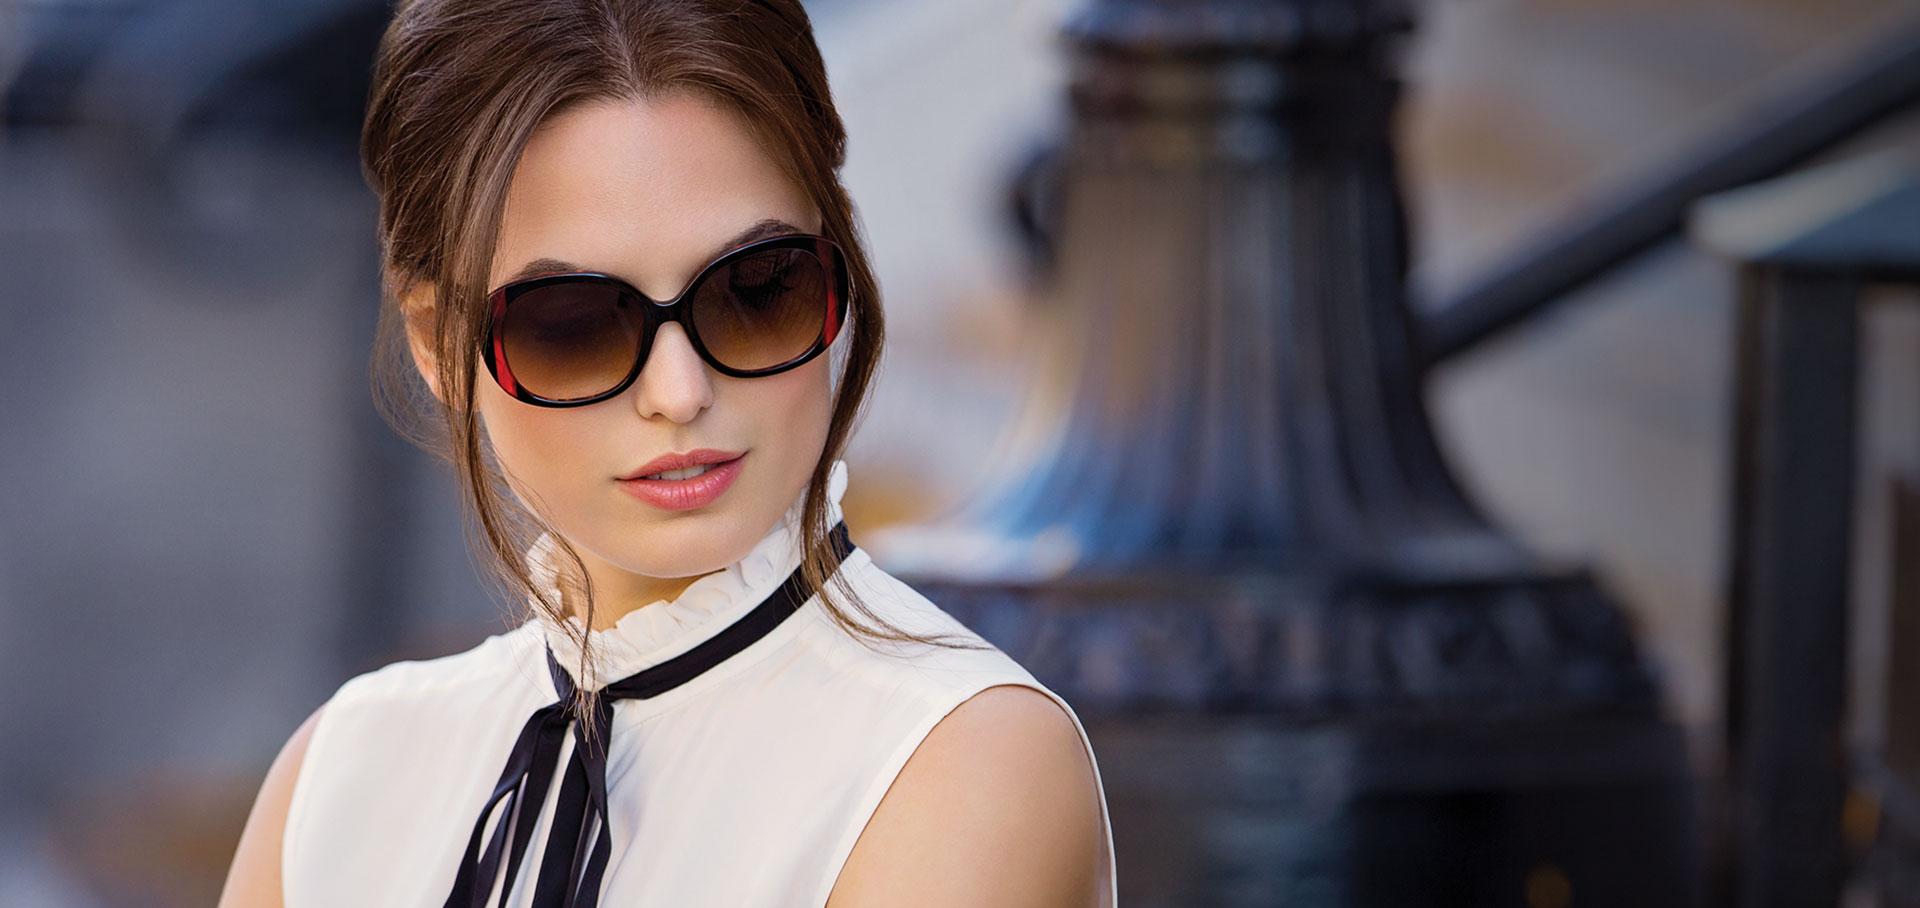 Quais Modelos de óculos de SOL que combina com rosto redondo e oval   1d654b7b61